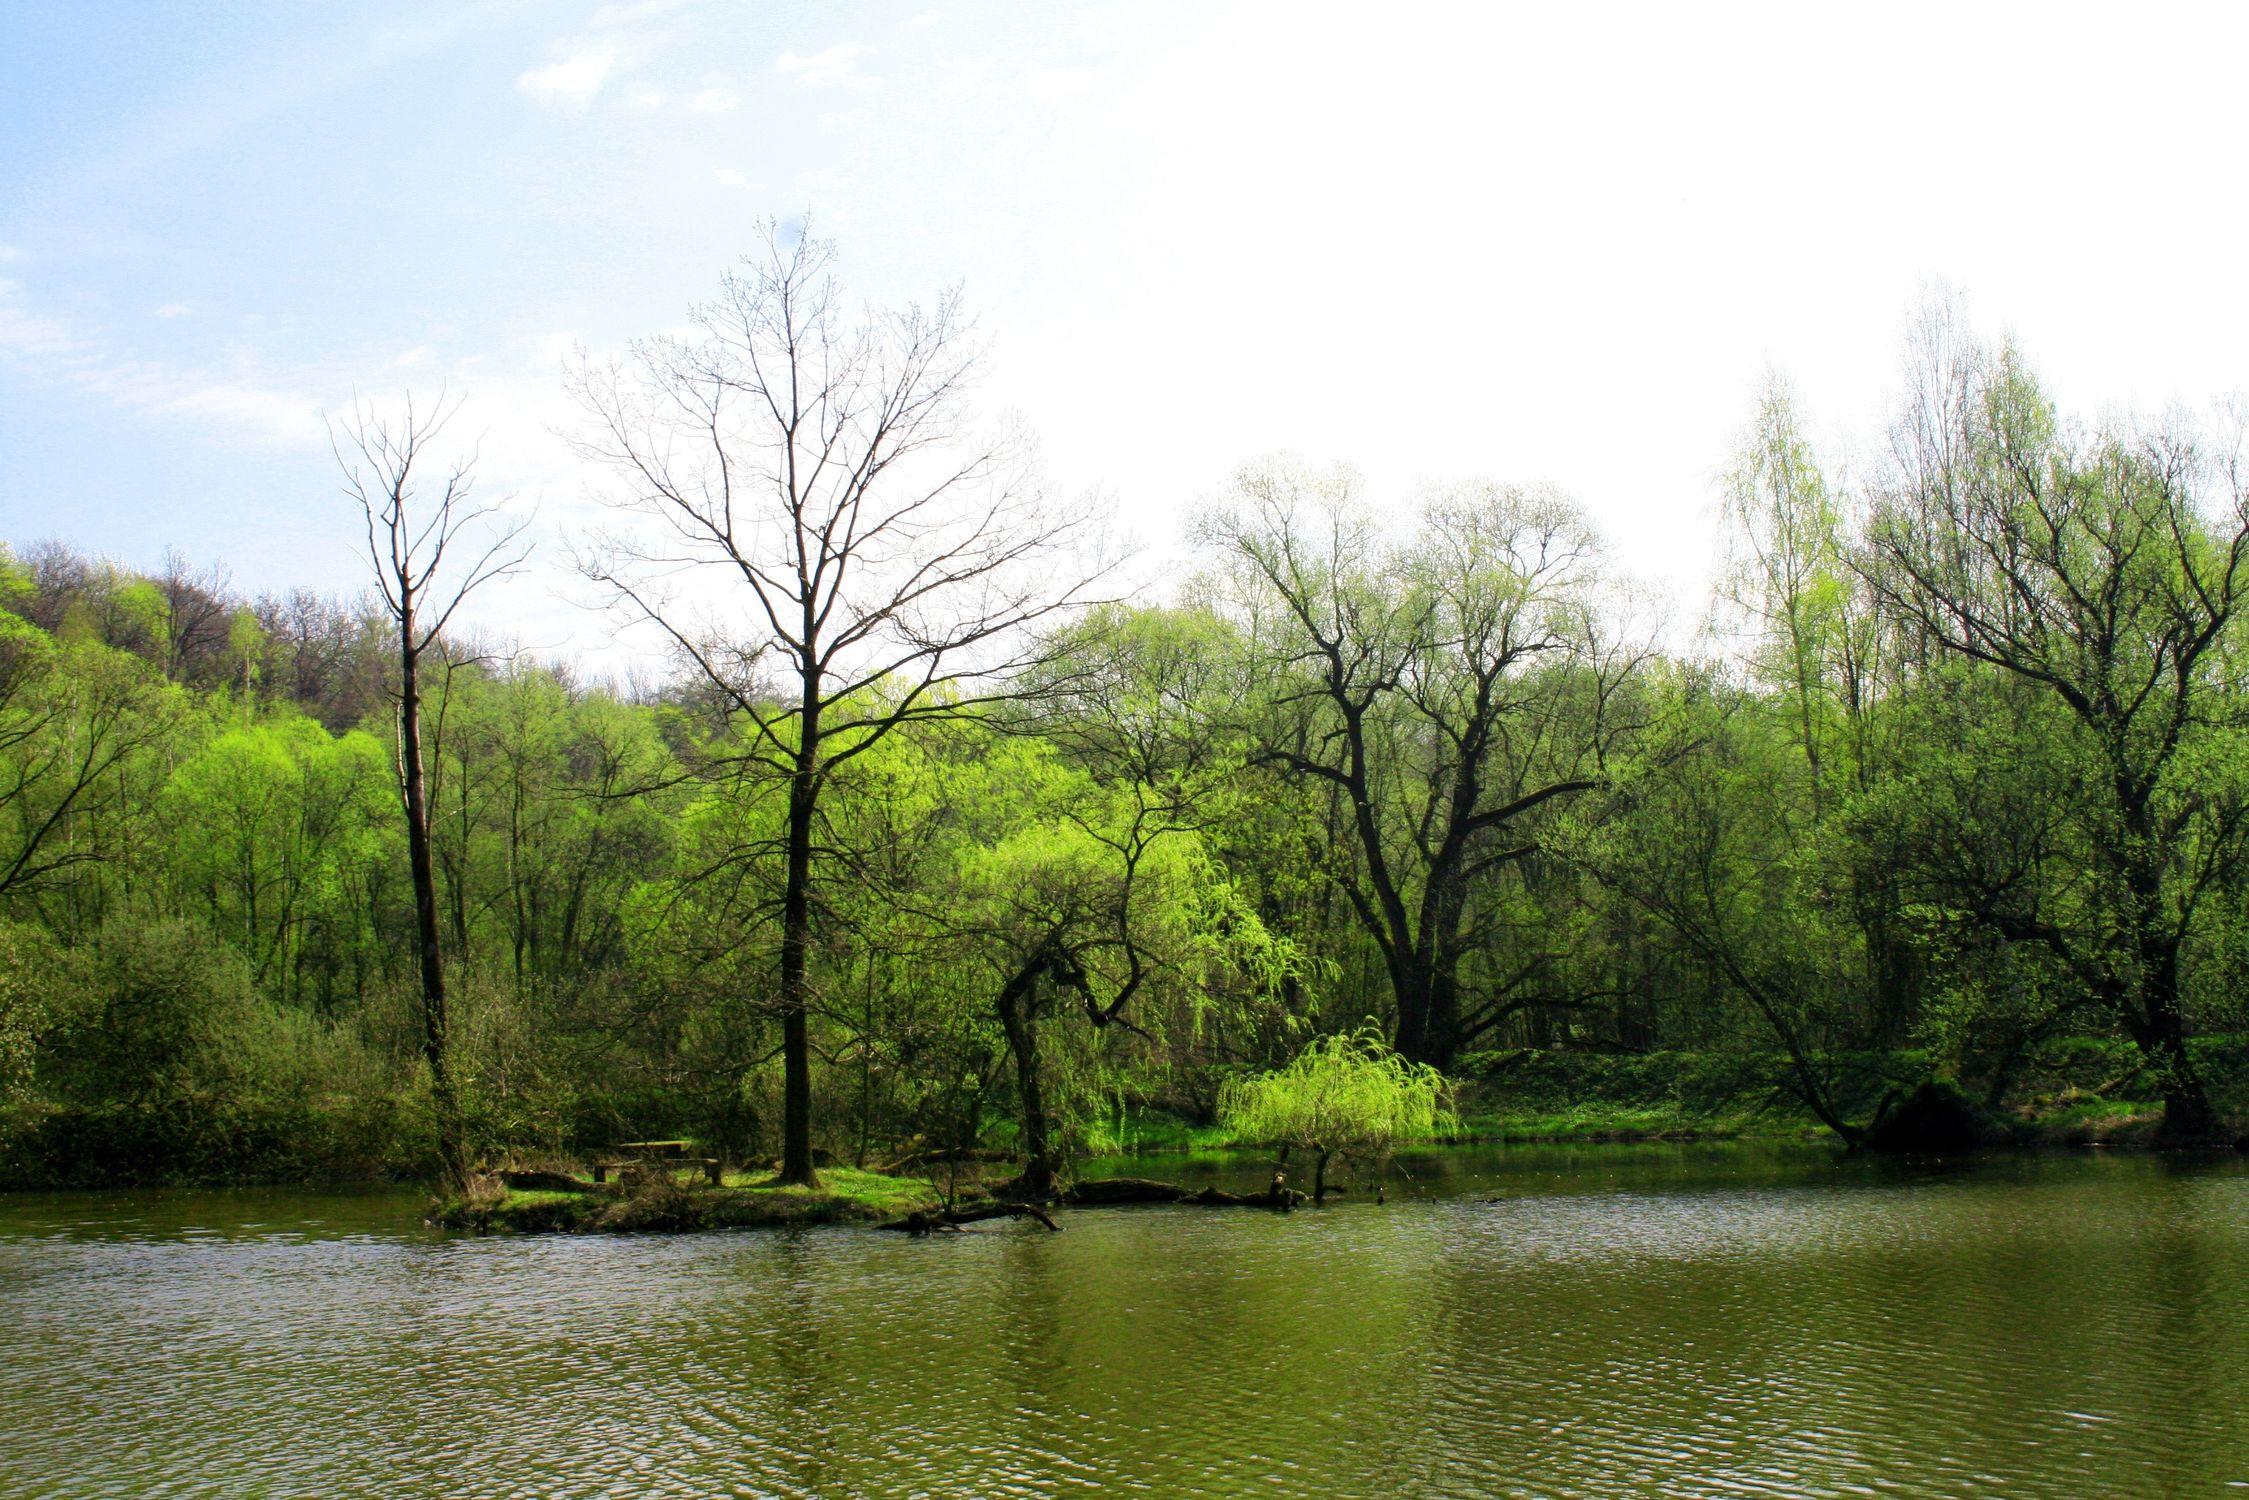 Bild mit Natur, Wasser, Grün, Pflanzen, Landschaften, Bäume, Gewässer, Küsten und Ufer, Wälder, Seen, Flüsse, Teiche